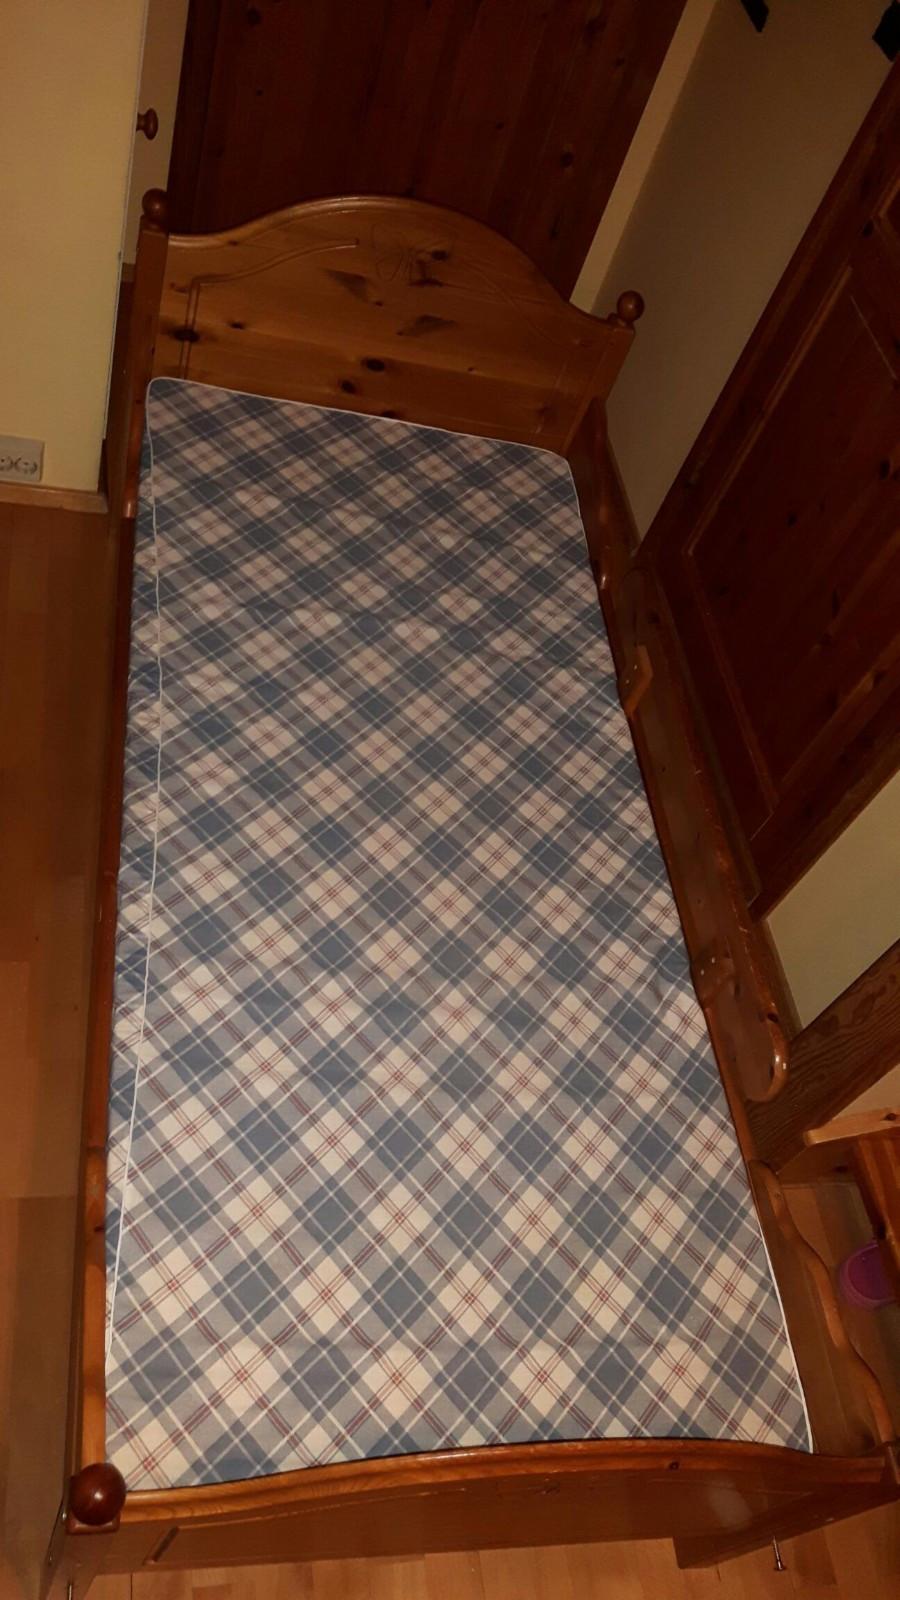 Komplett Barneseng, pent brukt - Oslo  - Barneseng, egnet som første seng etter sprinkelseng og flere år fremover. Har sengehest på ene siden. Kan speilvendes. God kvalitet. Lett å sette sammen. Sengebunn og madrass medfølger. Madrassmål 170 x 75 cm. Pent brukt. Kan leveres /tilkj